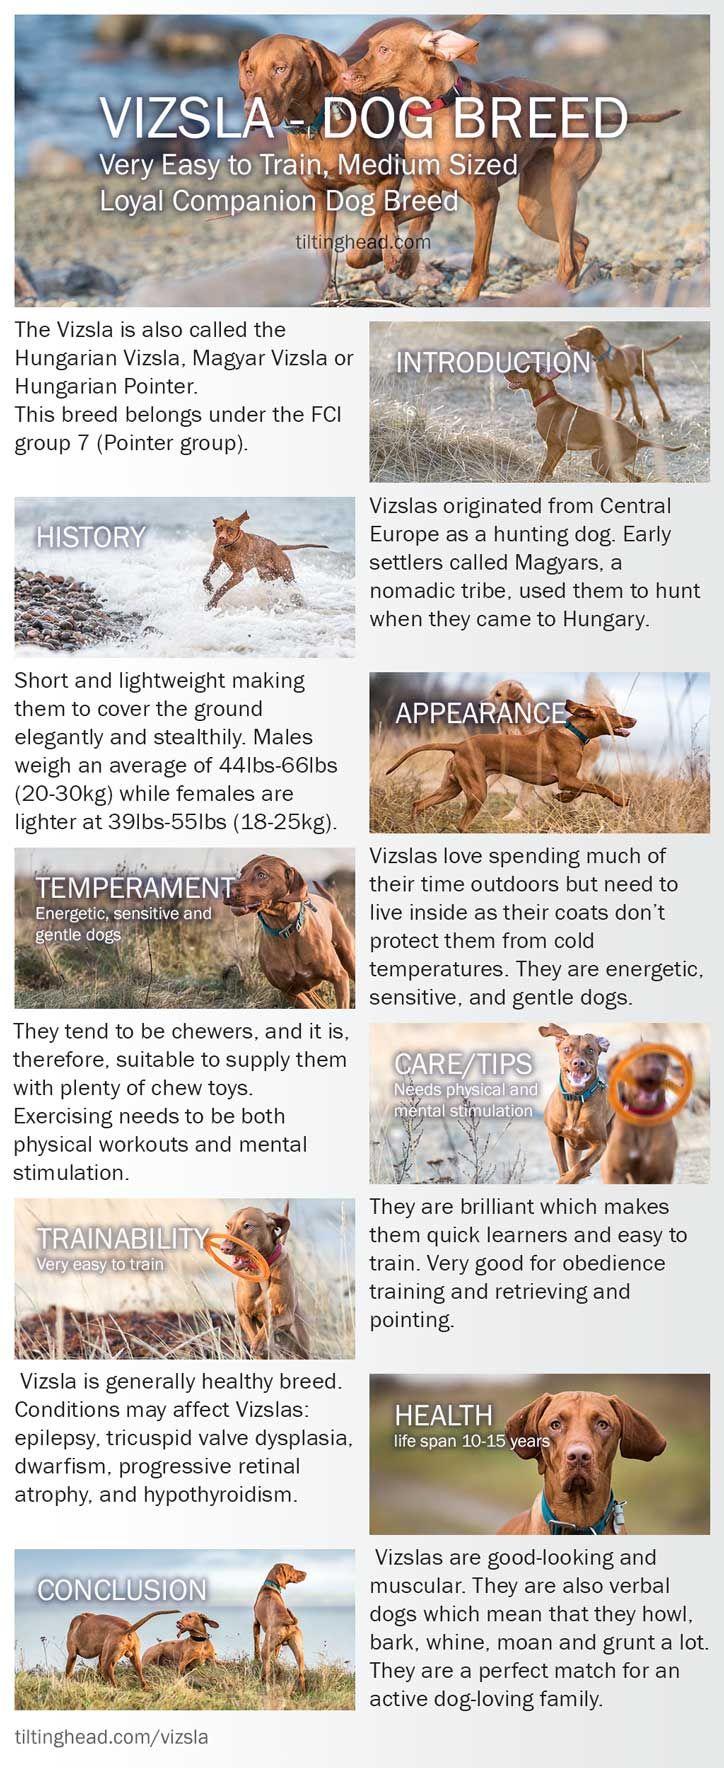 Vizsla dog breed infographic httptiltingheadvizsla vizsla dog breed infographic httptiltingheadvizsla nvjuhfo Images